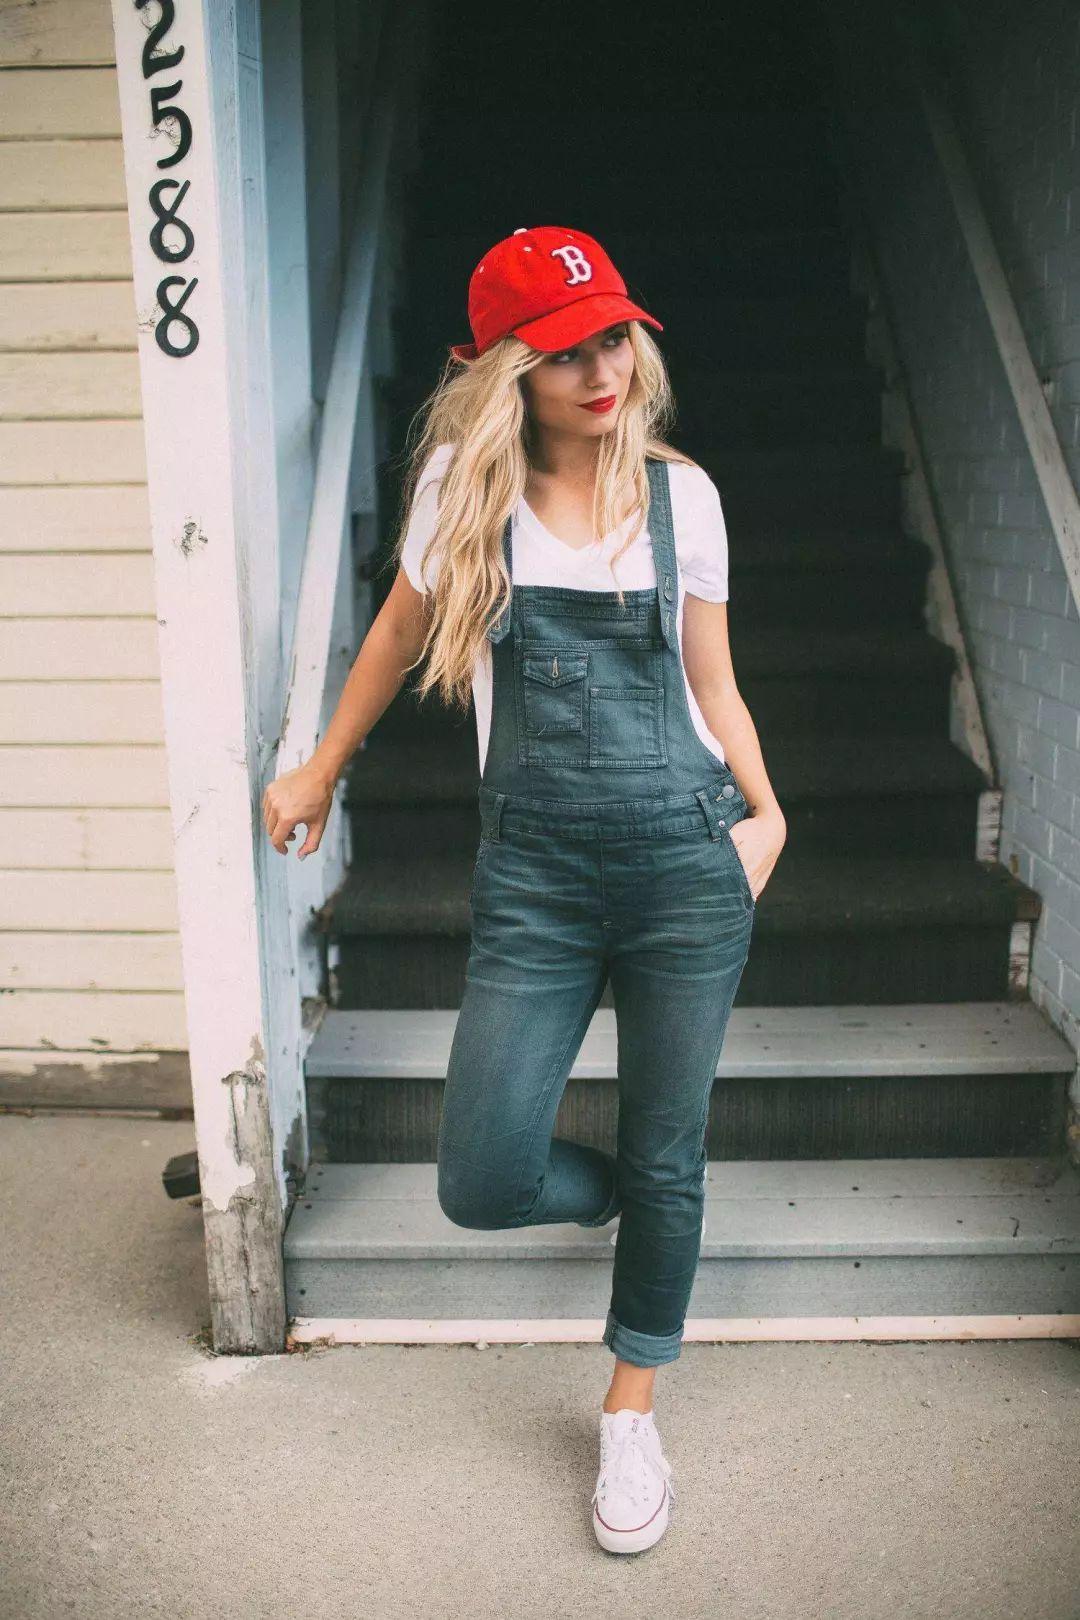 Летние джинсовые комбинезоны 2019 фото 15